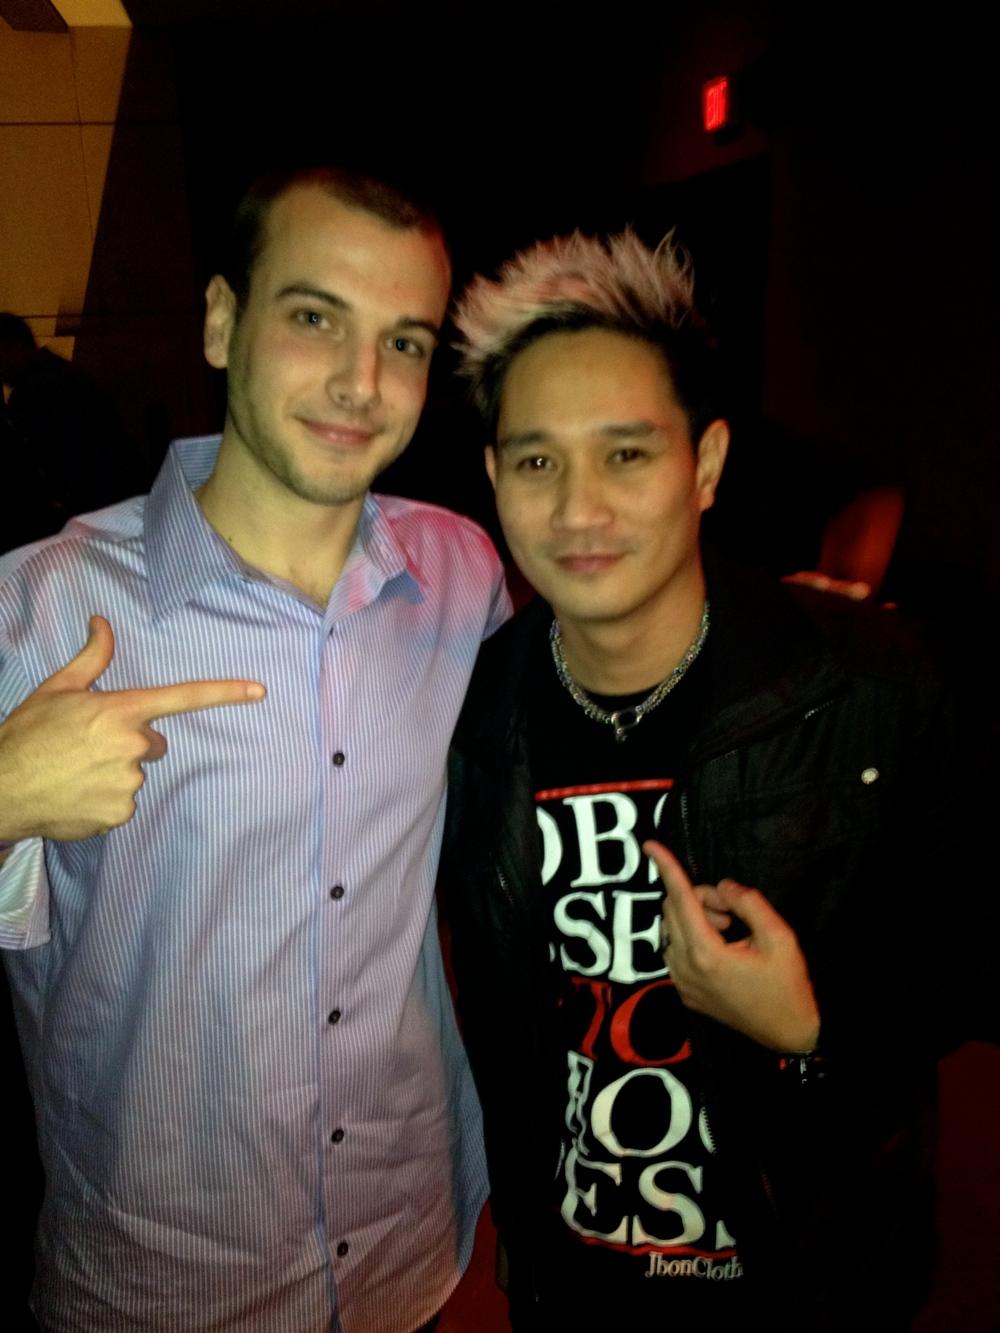 With @DJSerafin